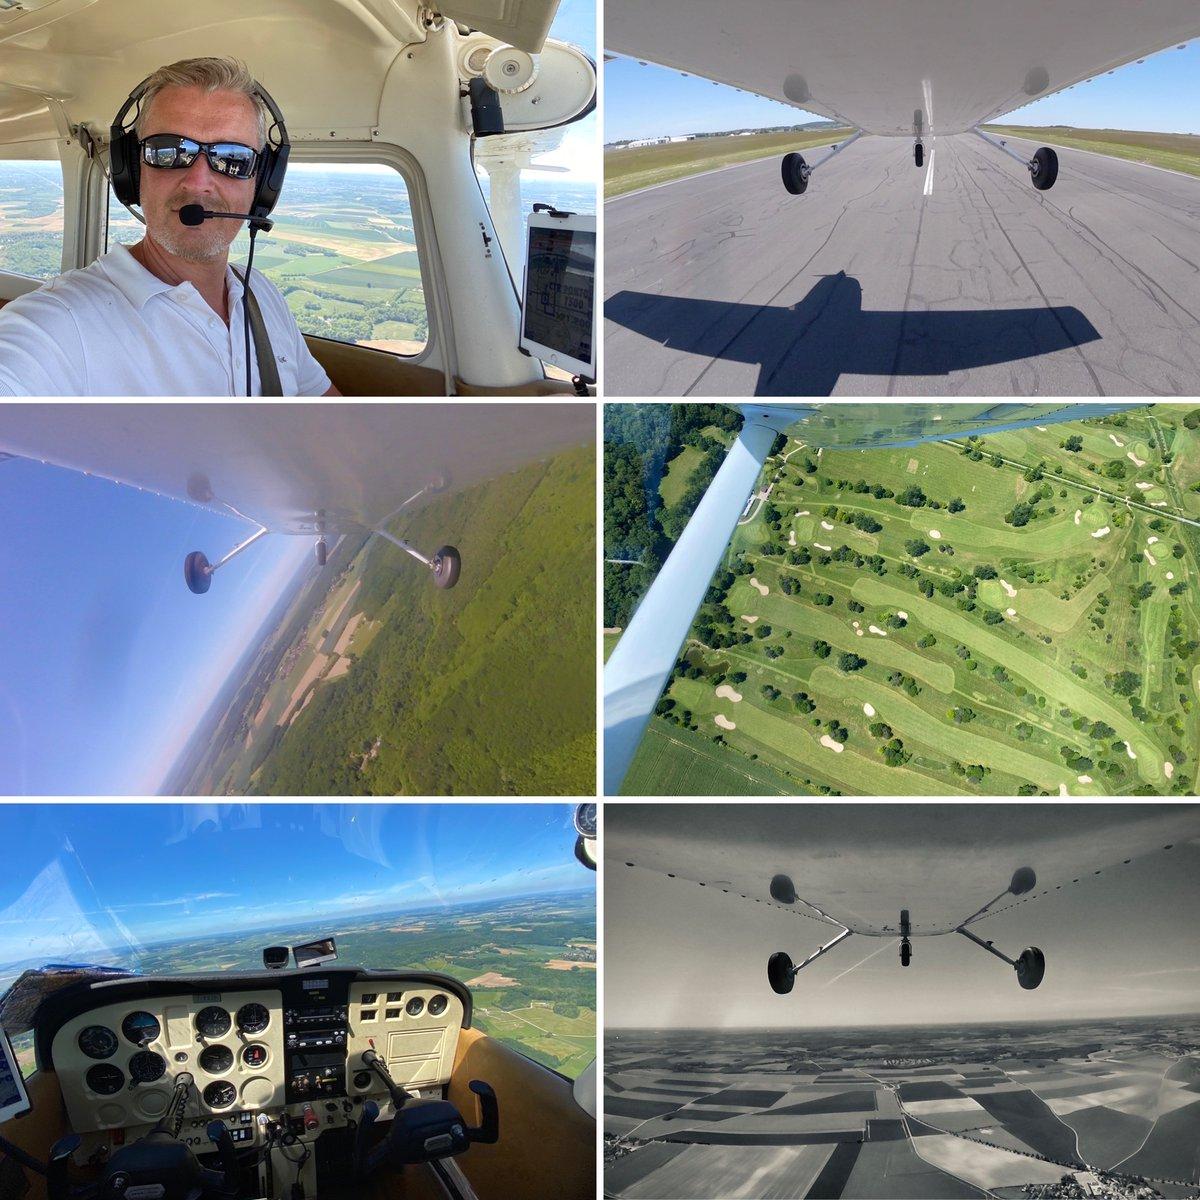 @AvgeeksFR   Le moteur est le coeur d'un avion, mais le pilote est son âme. Du vrai déconfinement pur! Vol Local NW IDF https://t.co/9QtEBlCufU